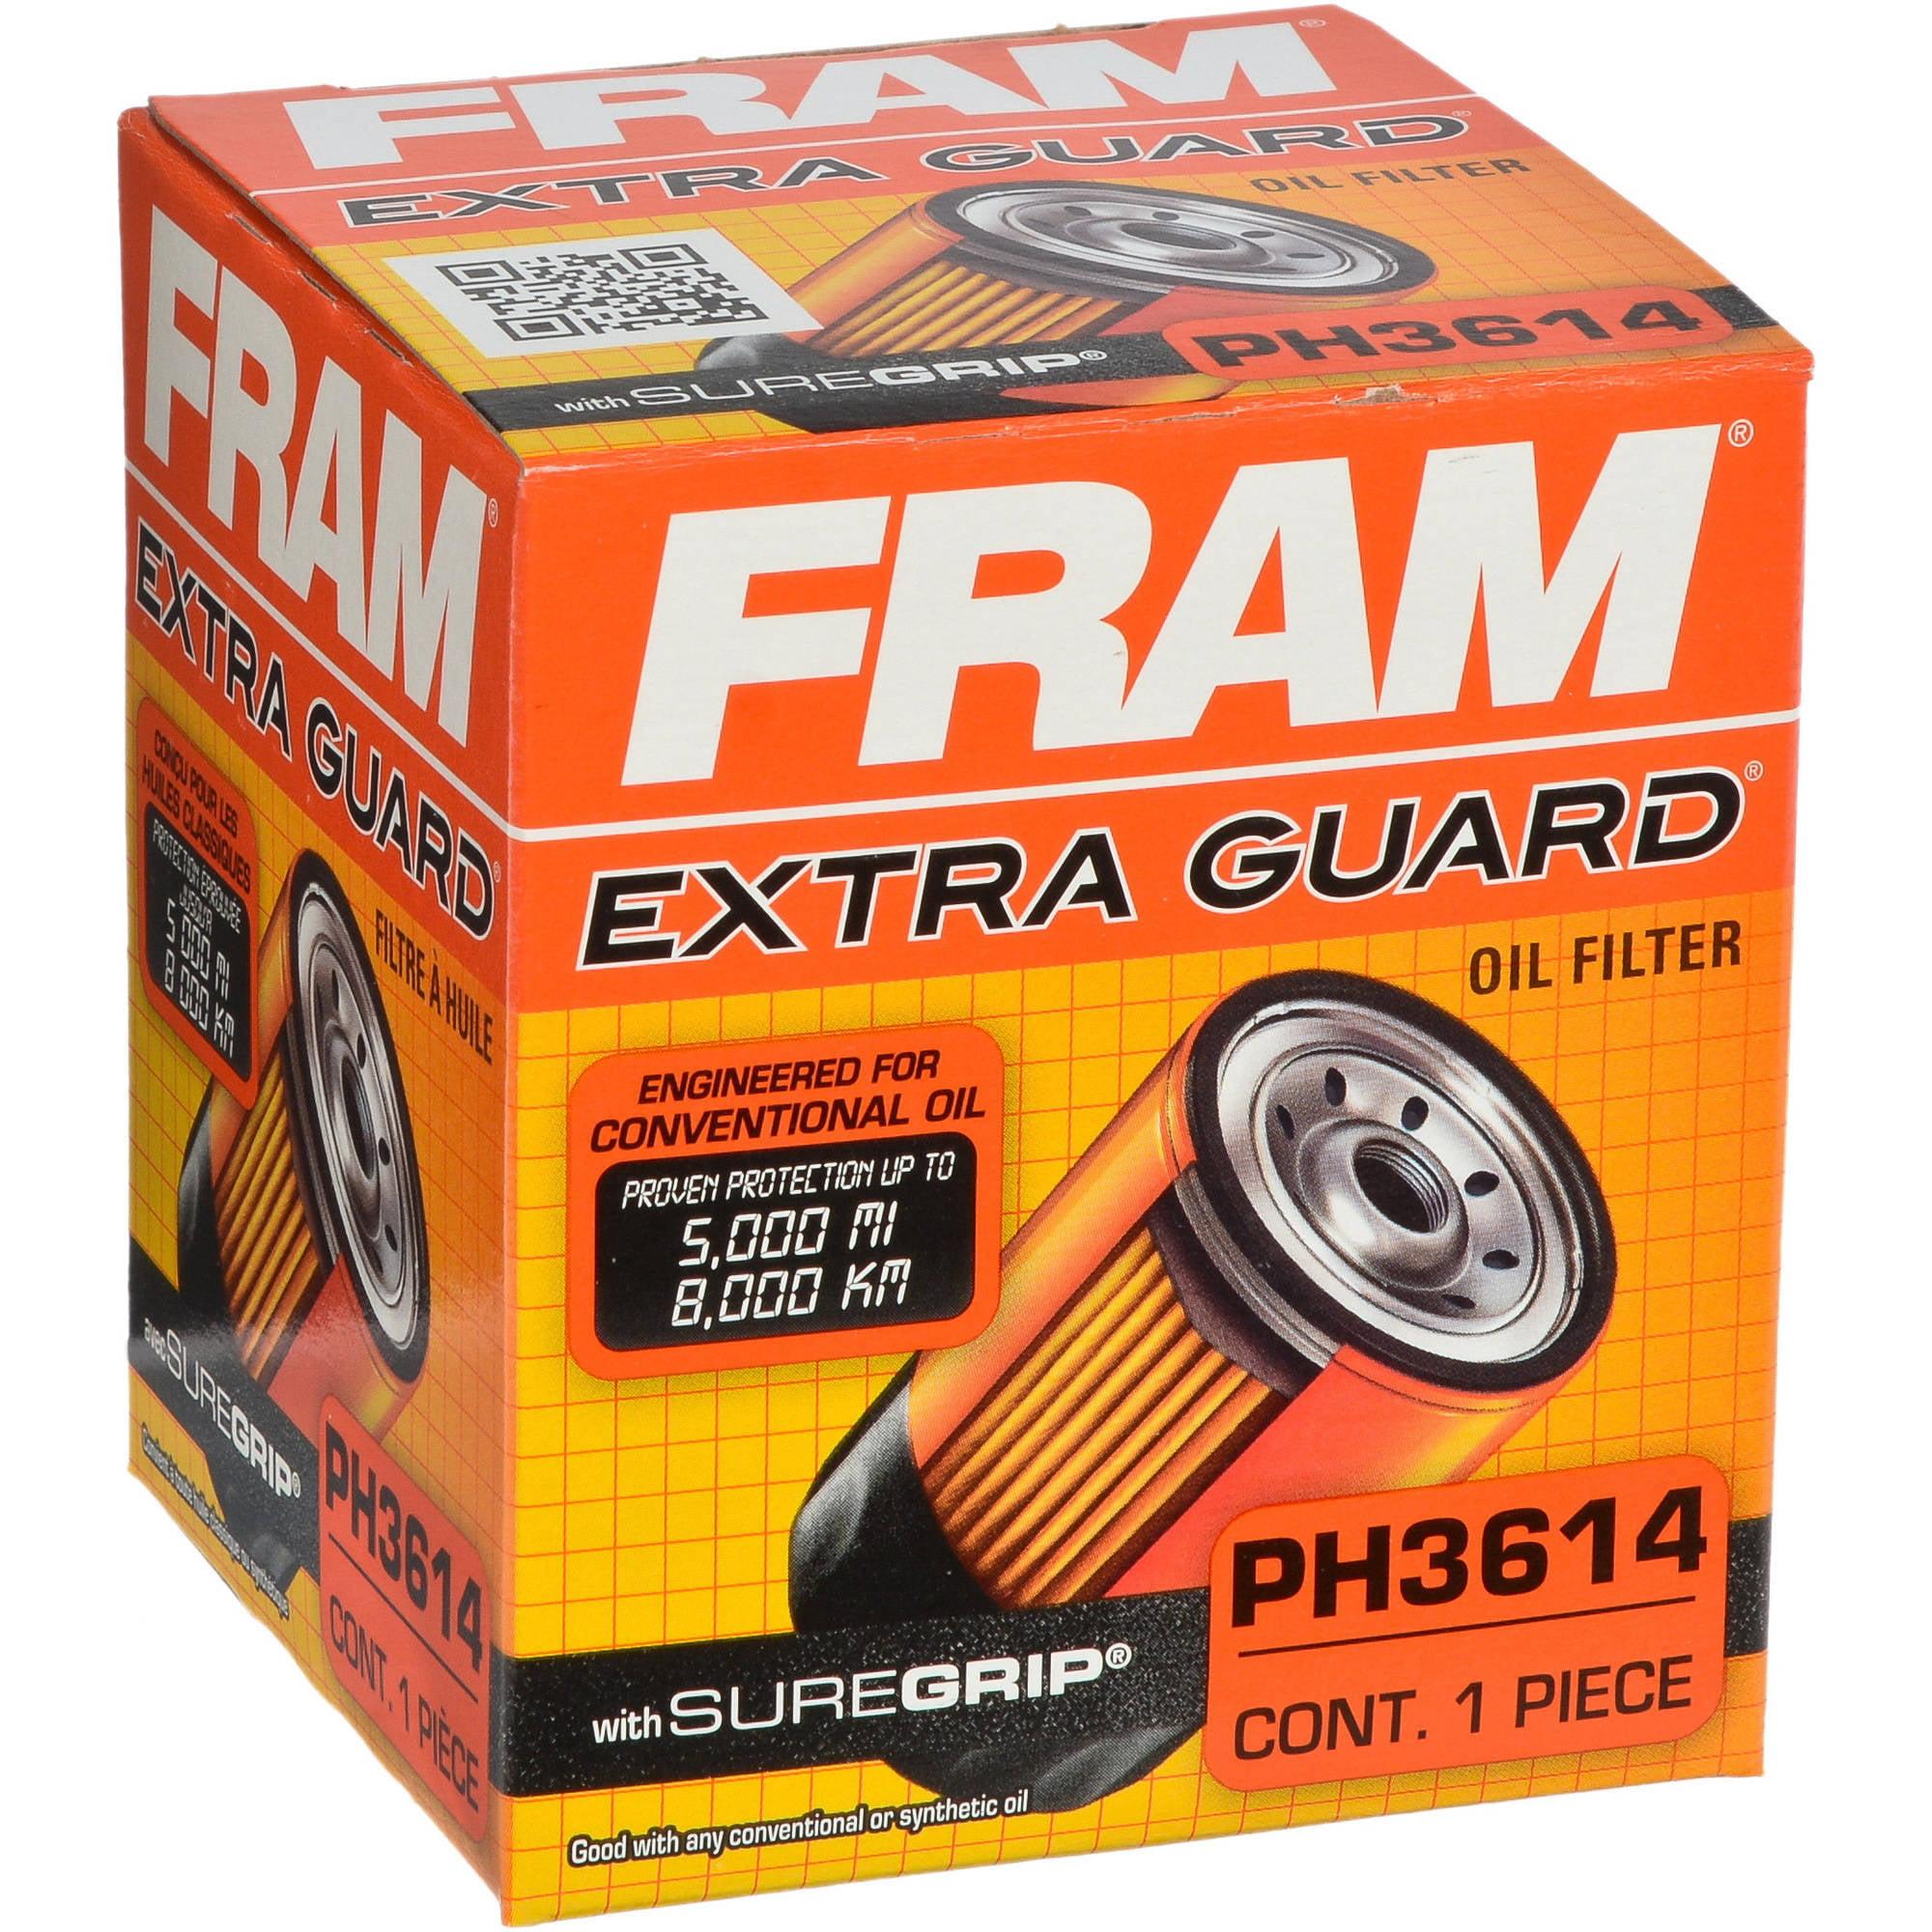 FRAM Extra Guard Oil Filter, PH3614